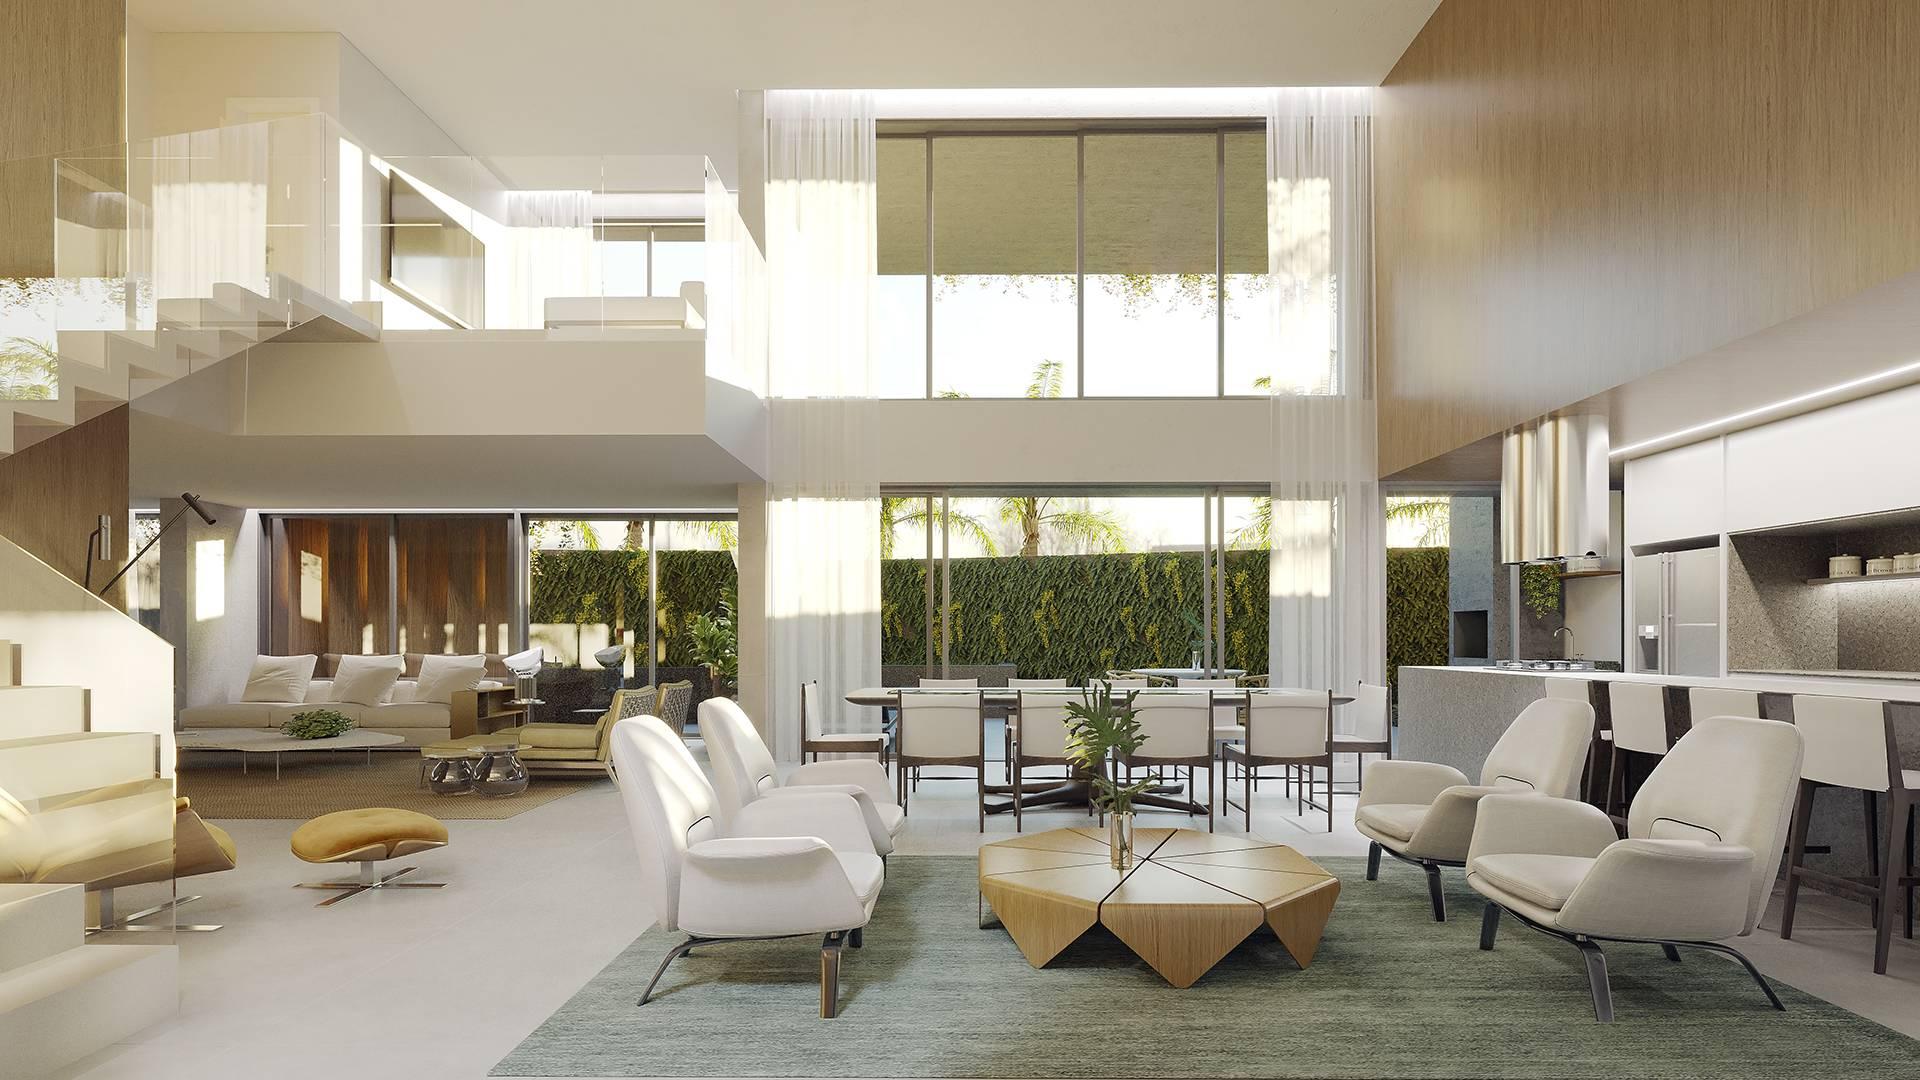 Sala integrada do apartamento garden - Átman Cabral